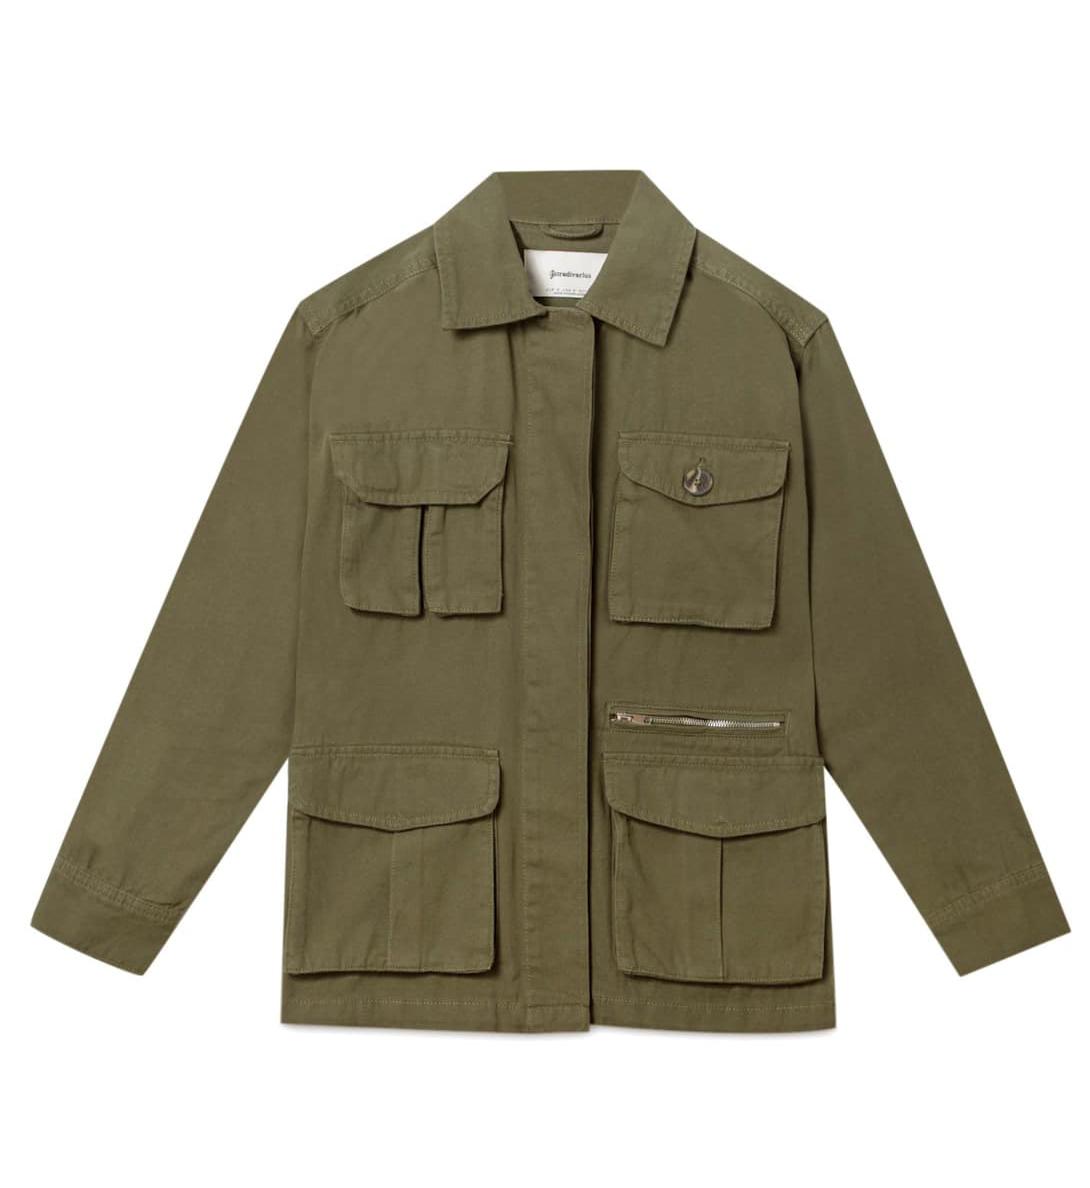 Stradivarius Safari Jacket with multiple pockets £39.99